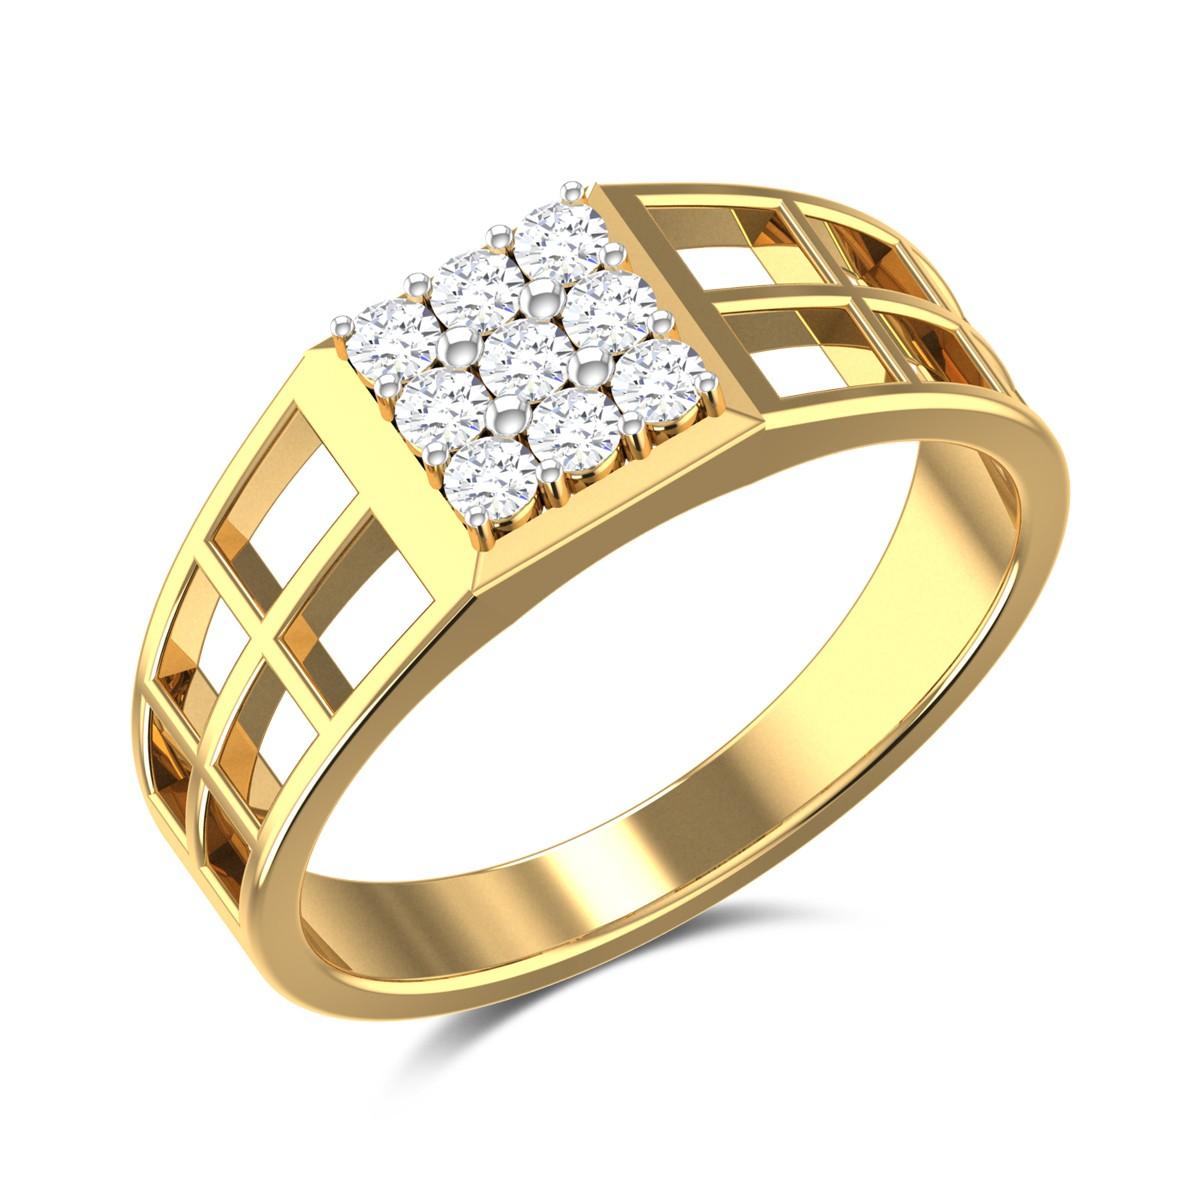 Basilwish Diamond Ring